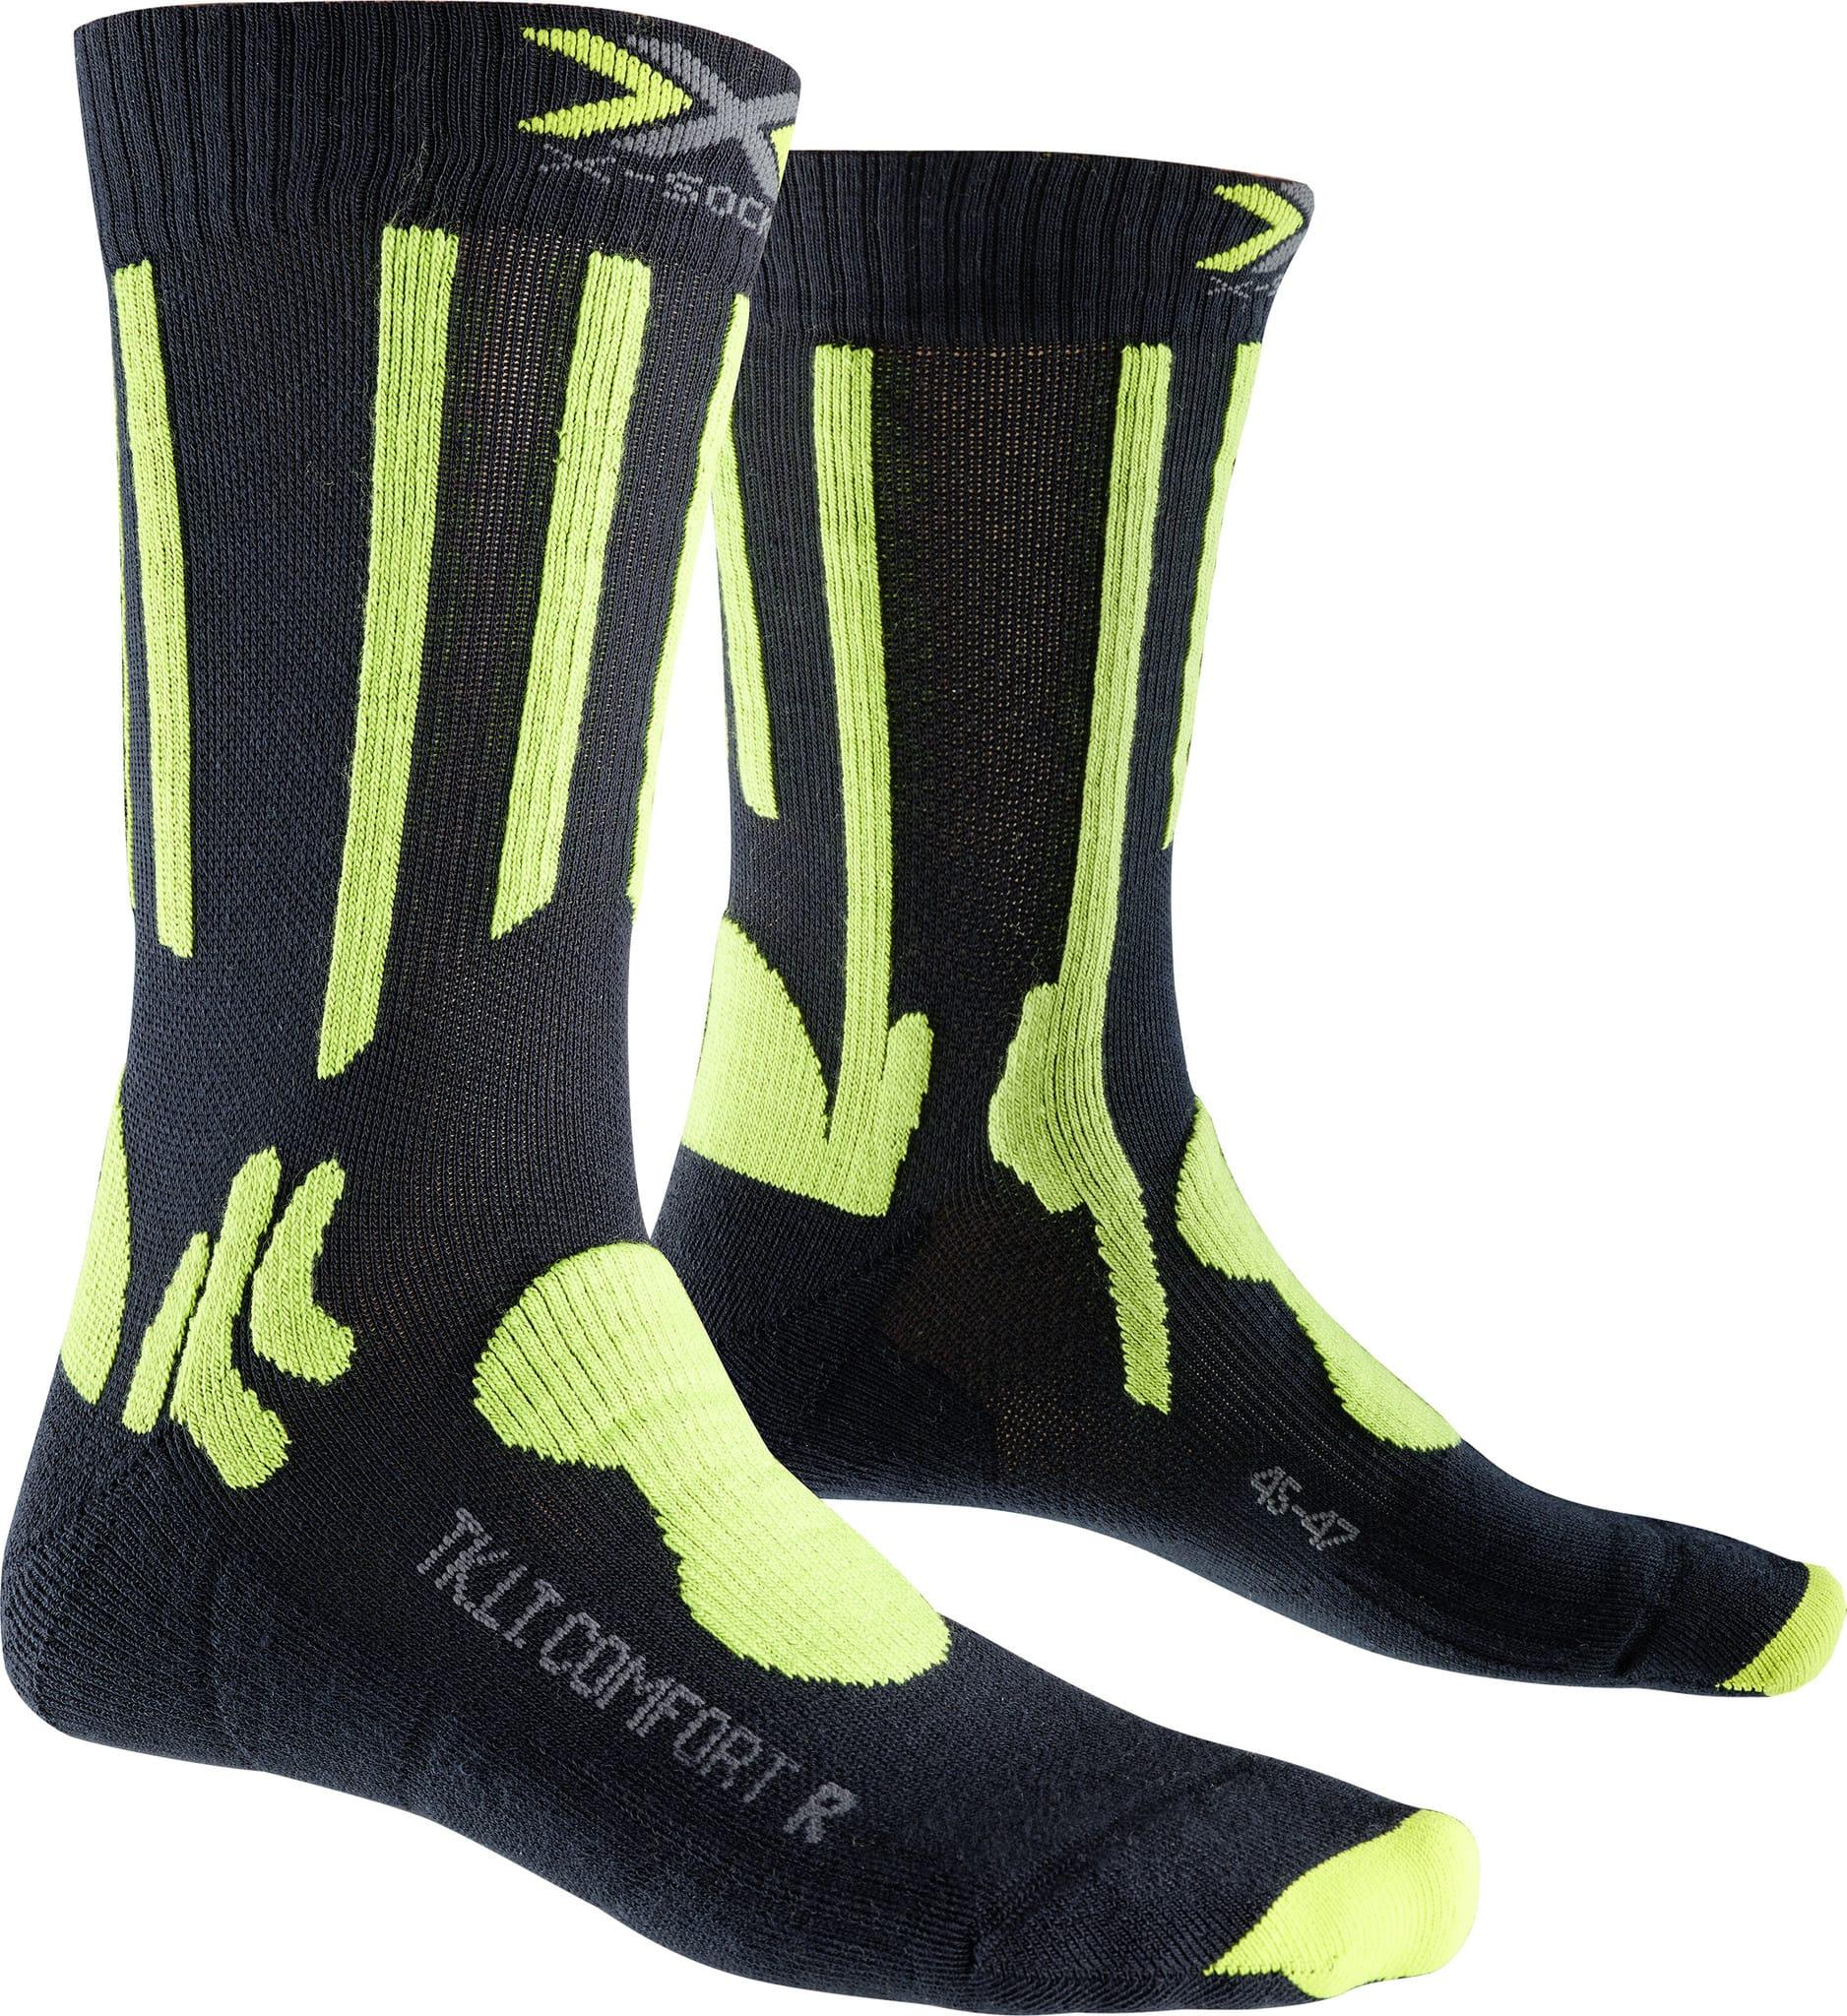 X-Socks Trekking Light - Trekkingsocken - Herren